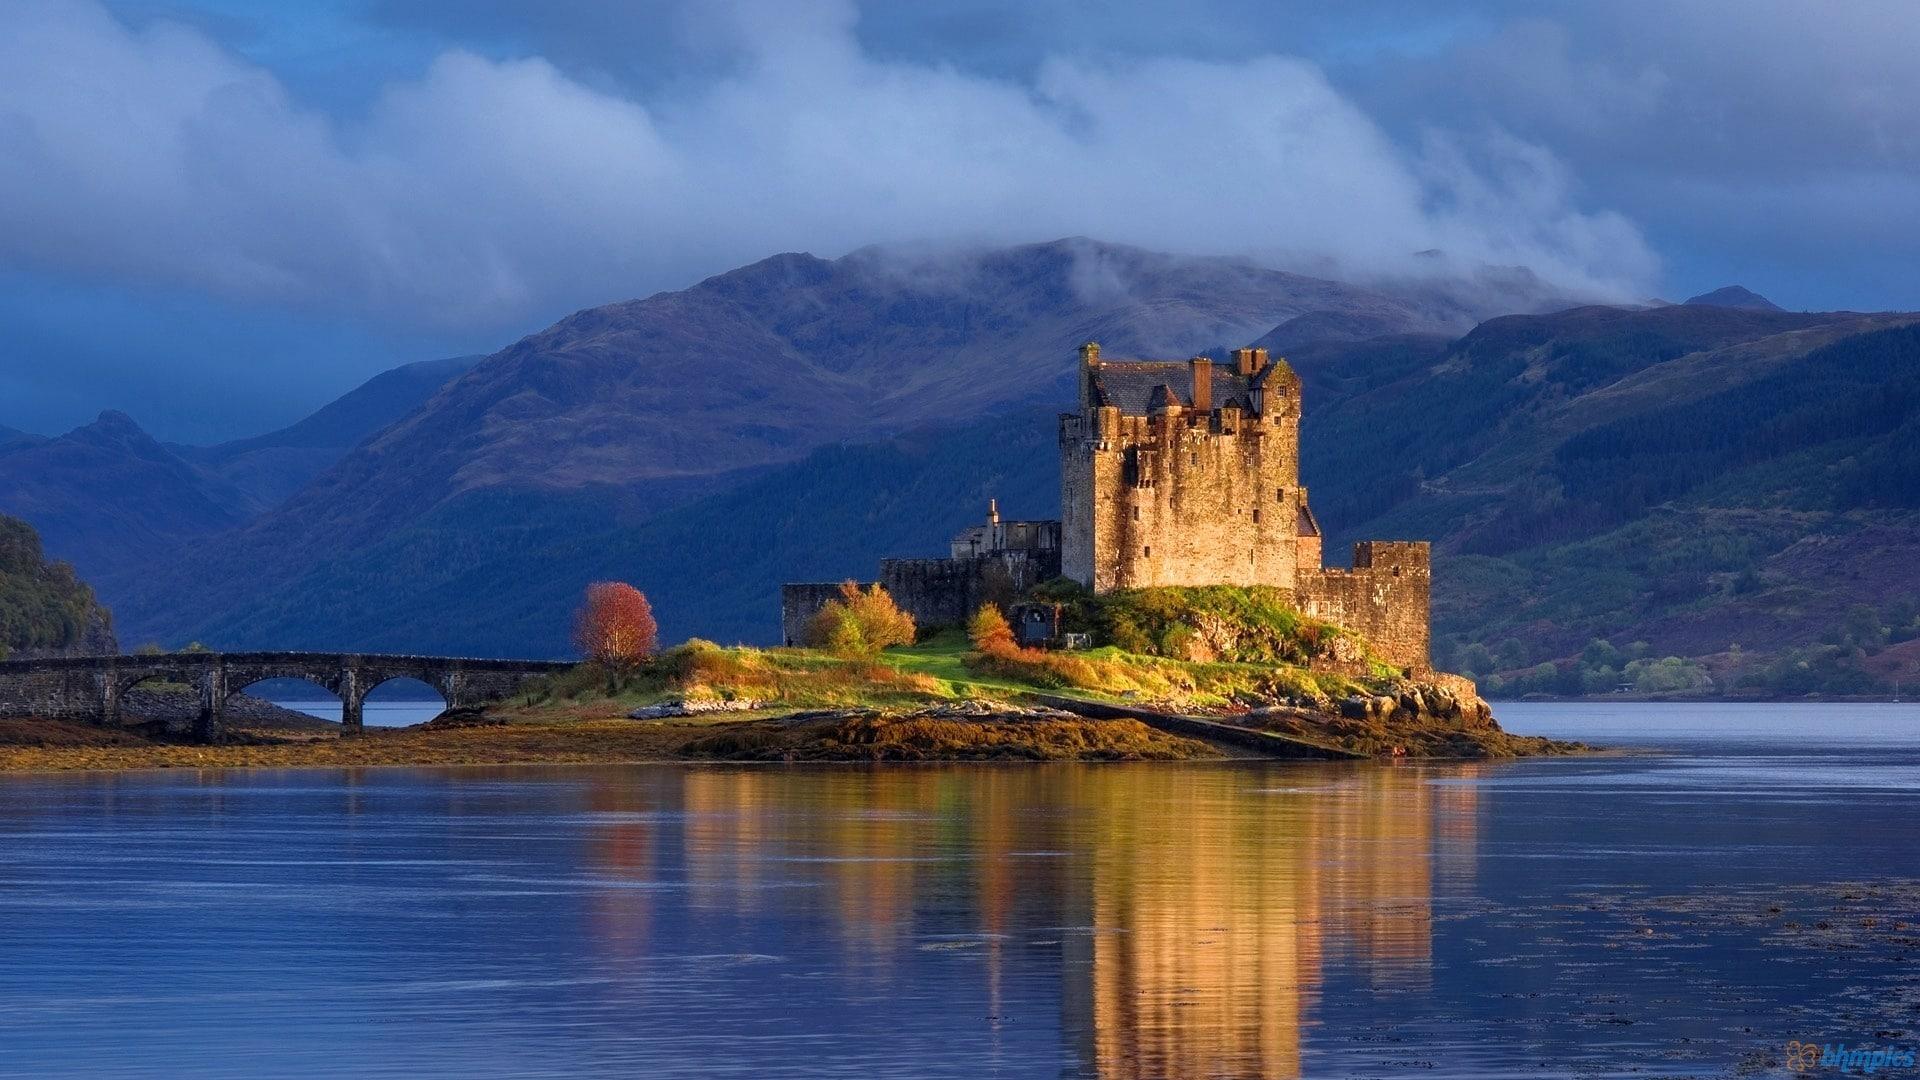 Castelul Eilean Donan - Edificiul suprem al Scoției